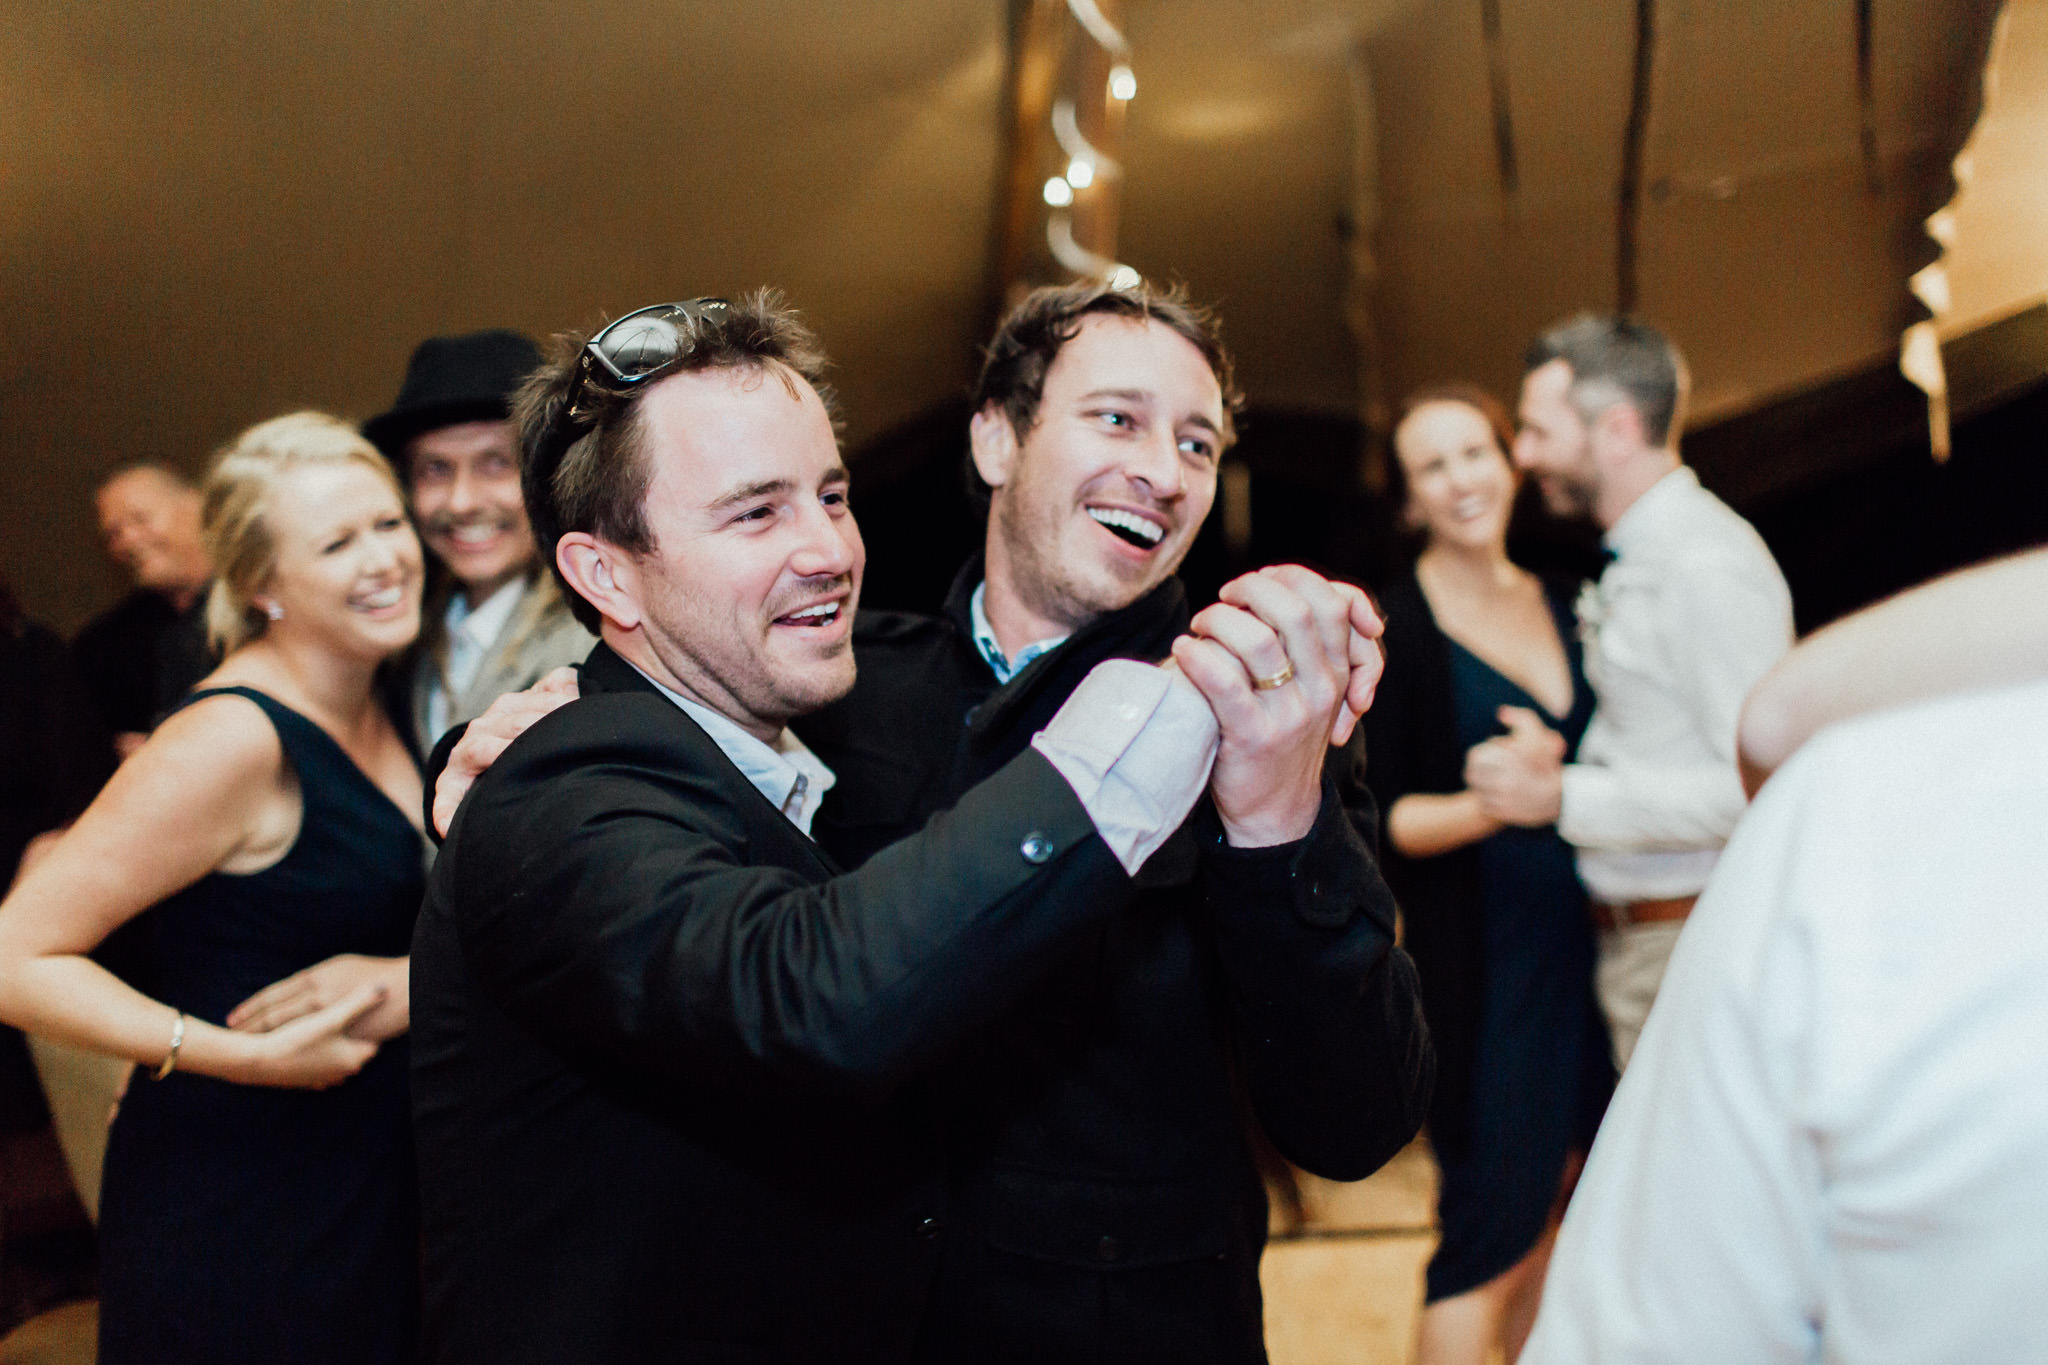 WeddingPhotos_Facebook_2048pixels-1873.jpg